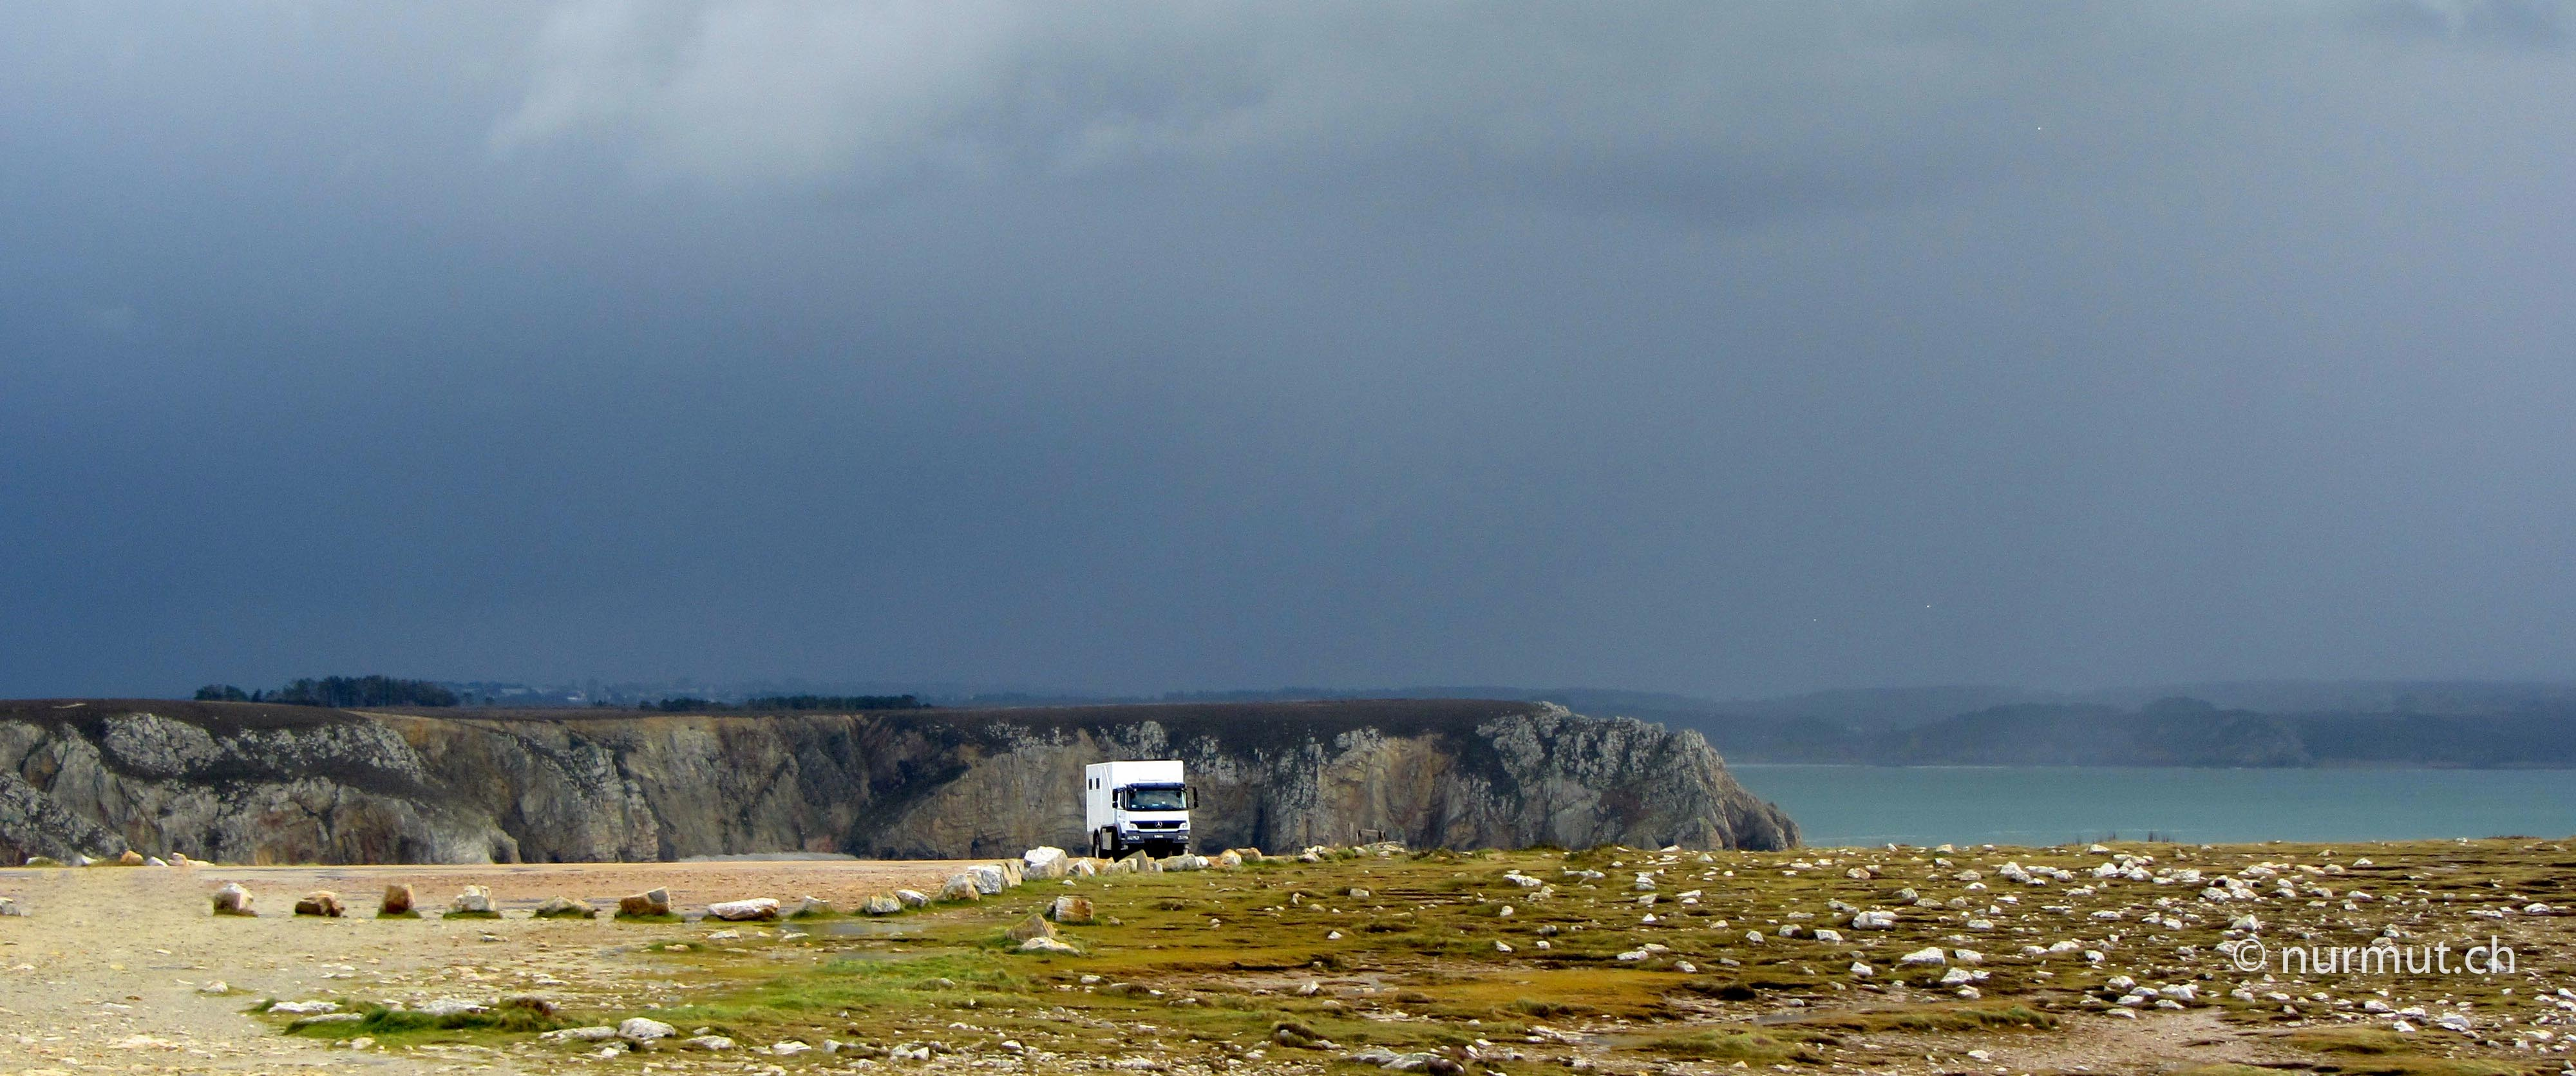 Bretagne-im-Winter-mit Wohnmobil-und-Hund-Expeditionsmobil-Crozon-Cameret-sur-Mer